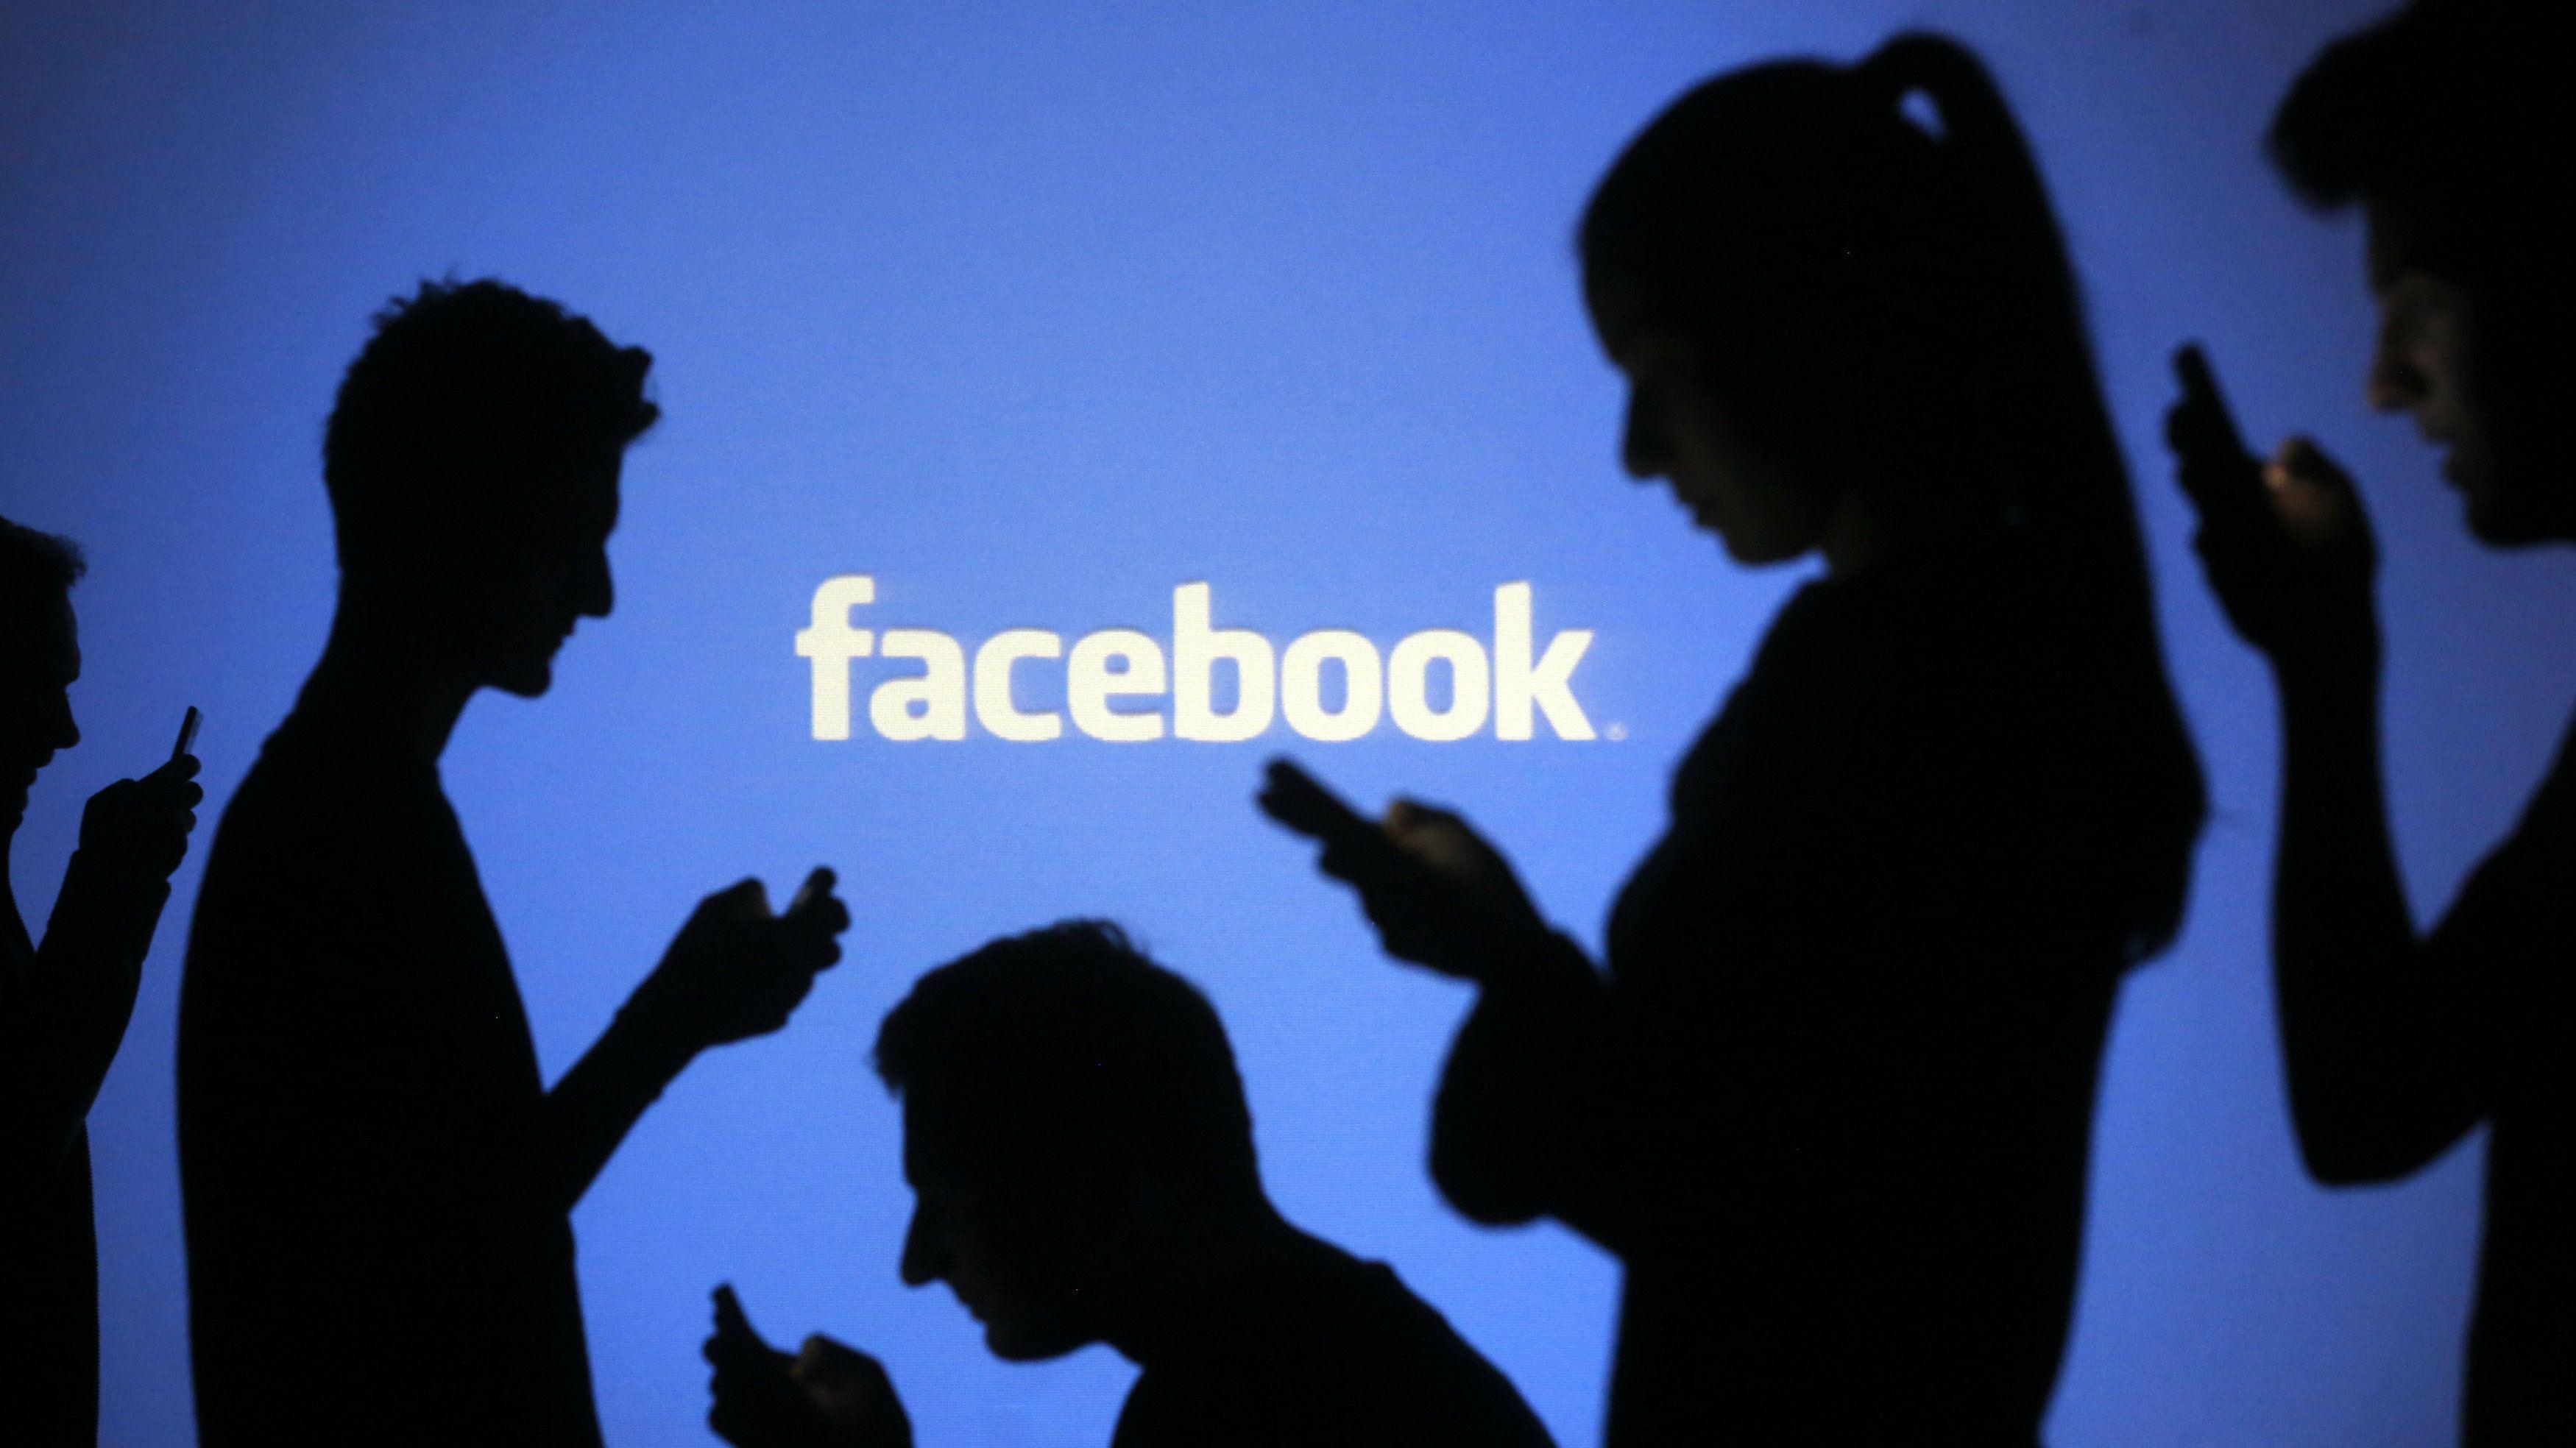 Notizie false: il decalogo anti bufala di Facebook